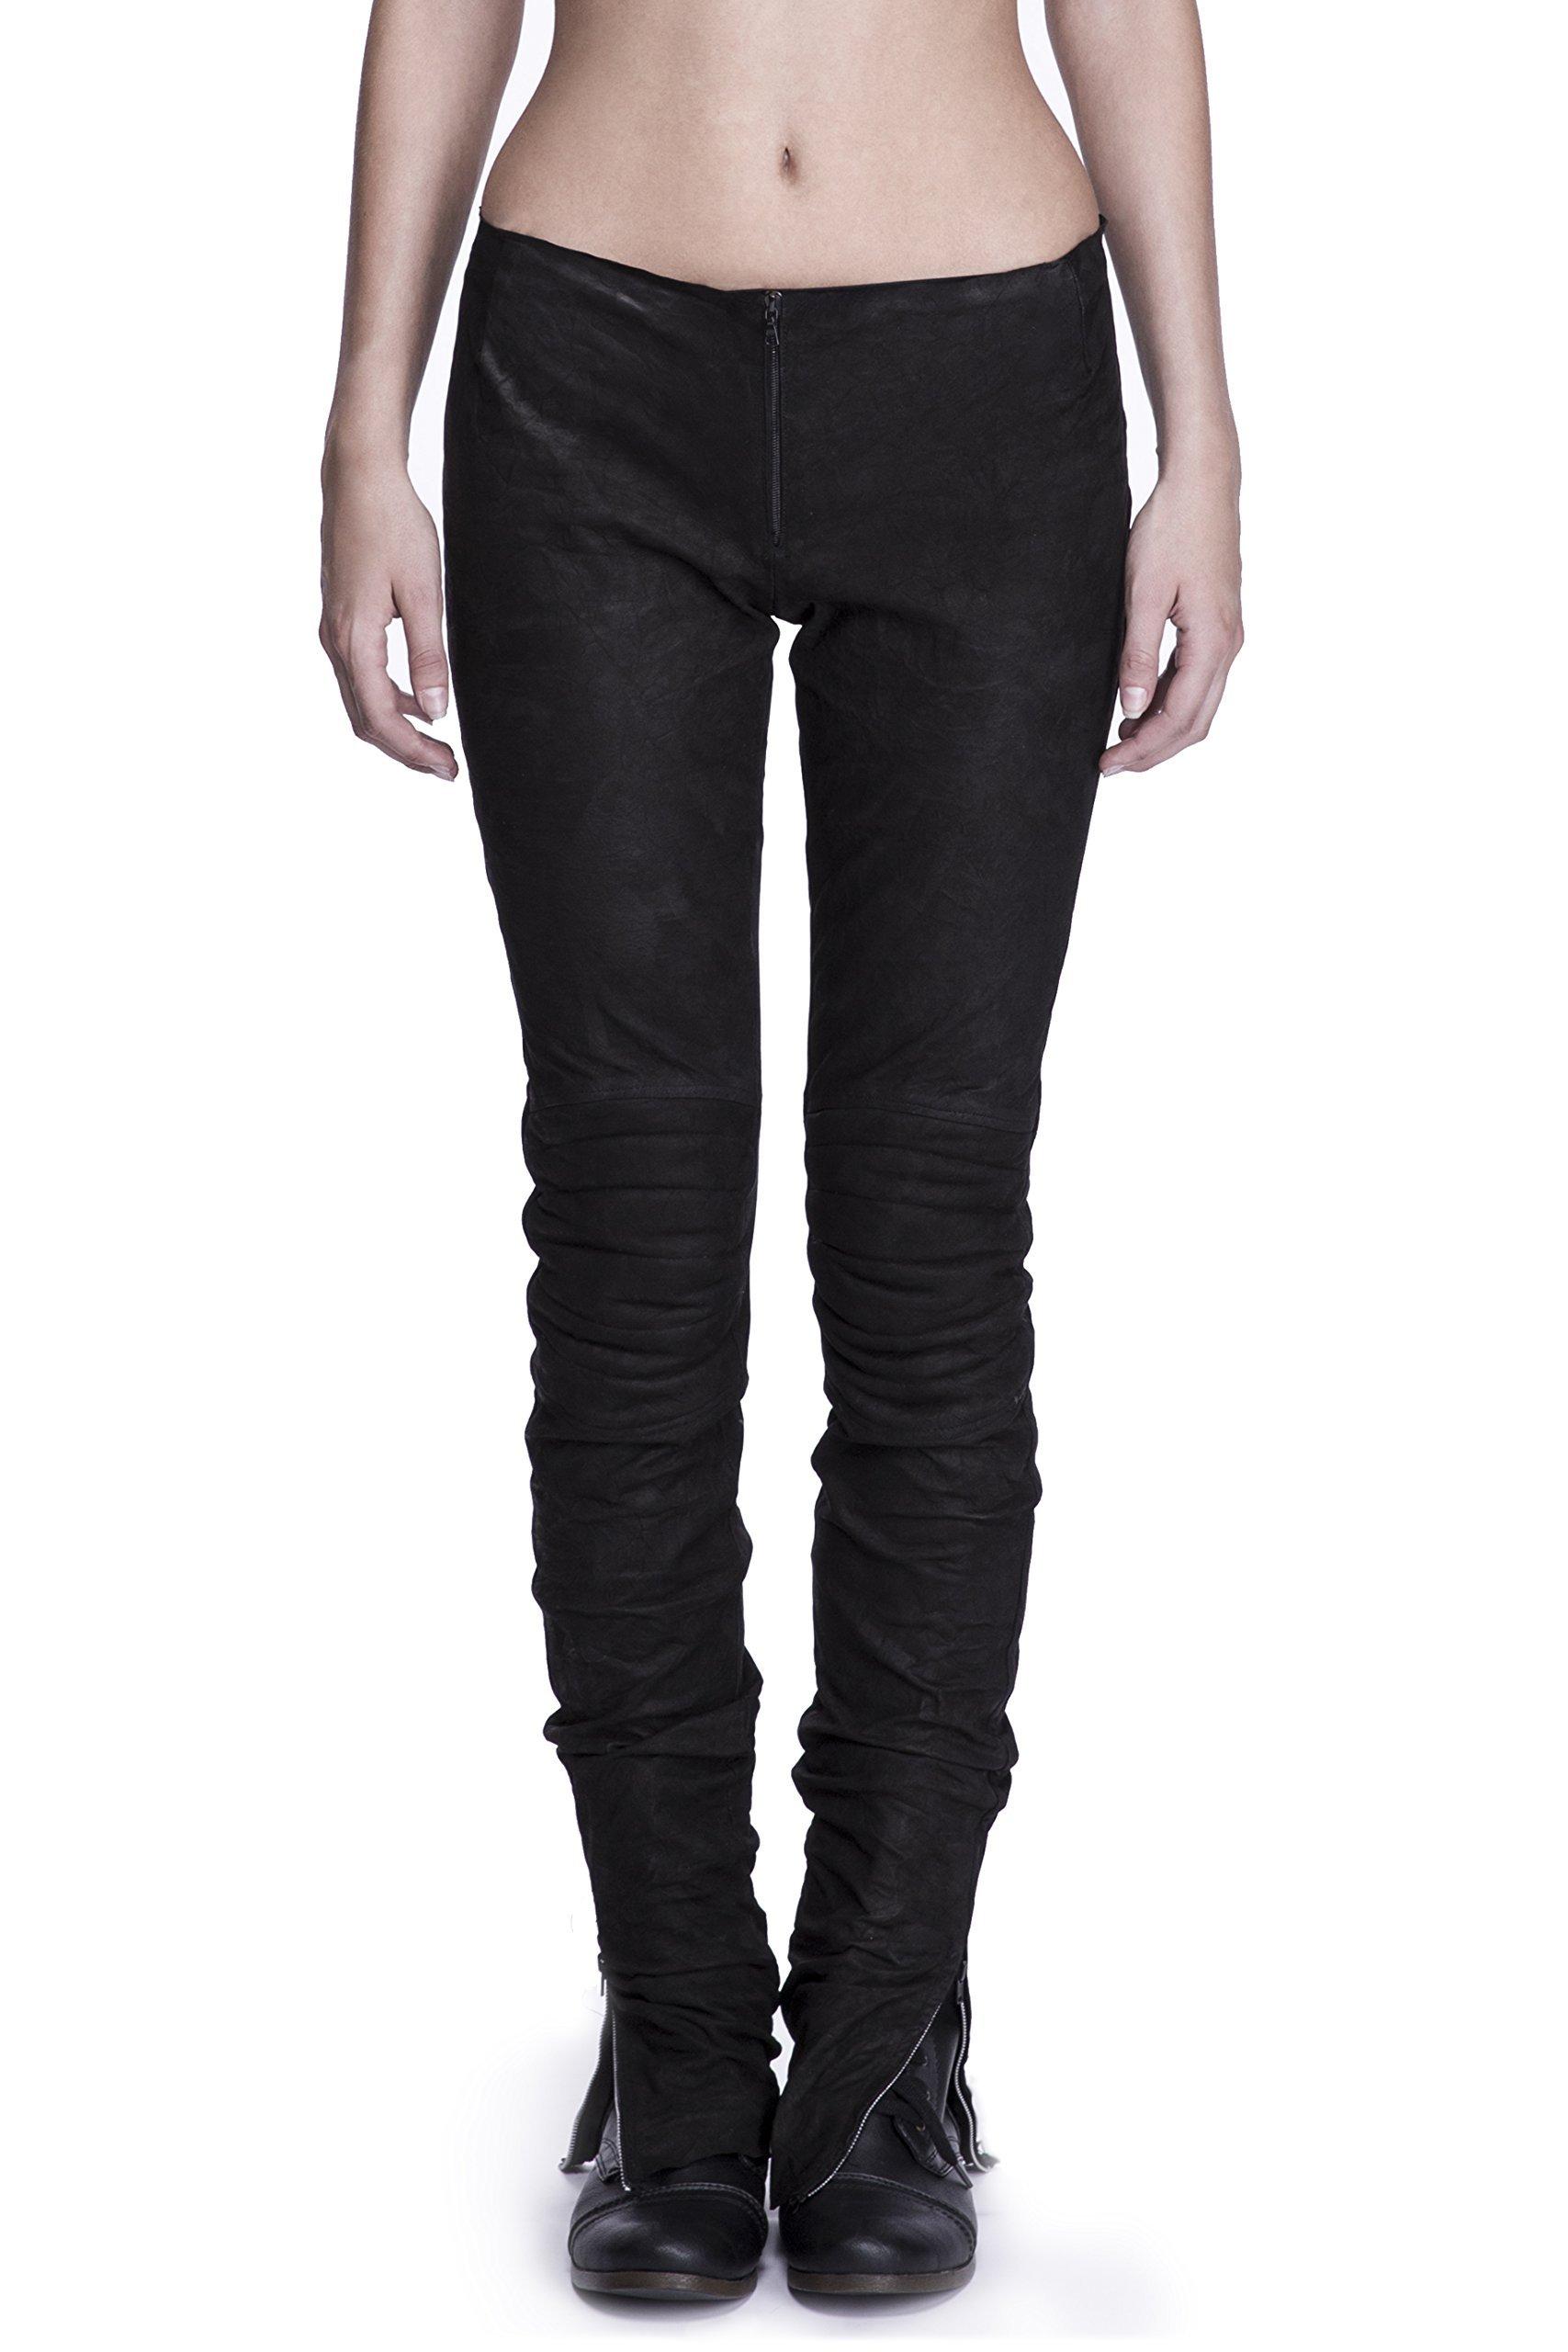 Lamb Leather Biker Jeans by Corvus + Crux